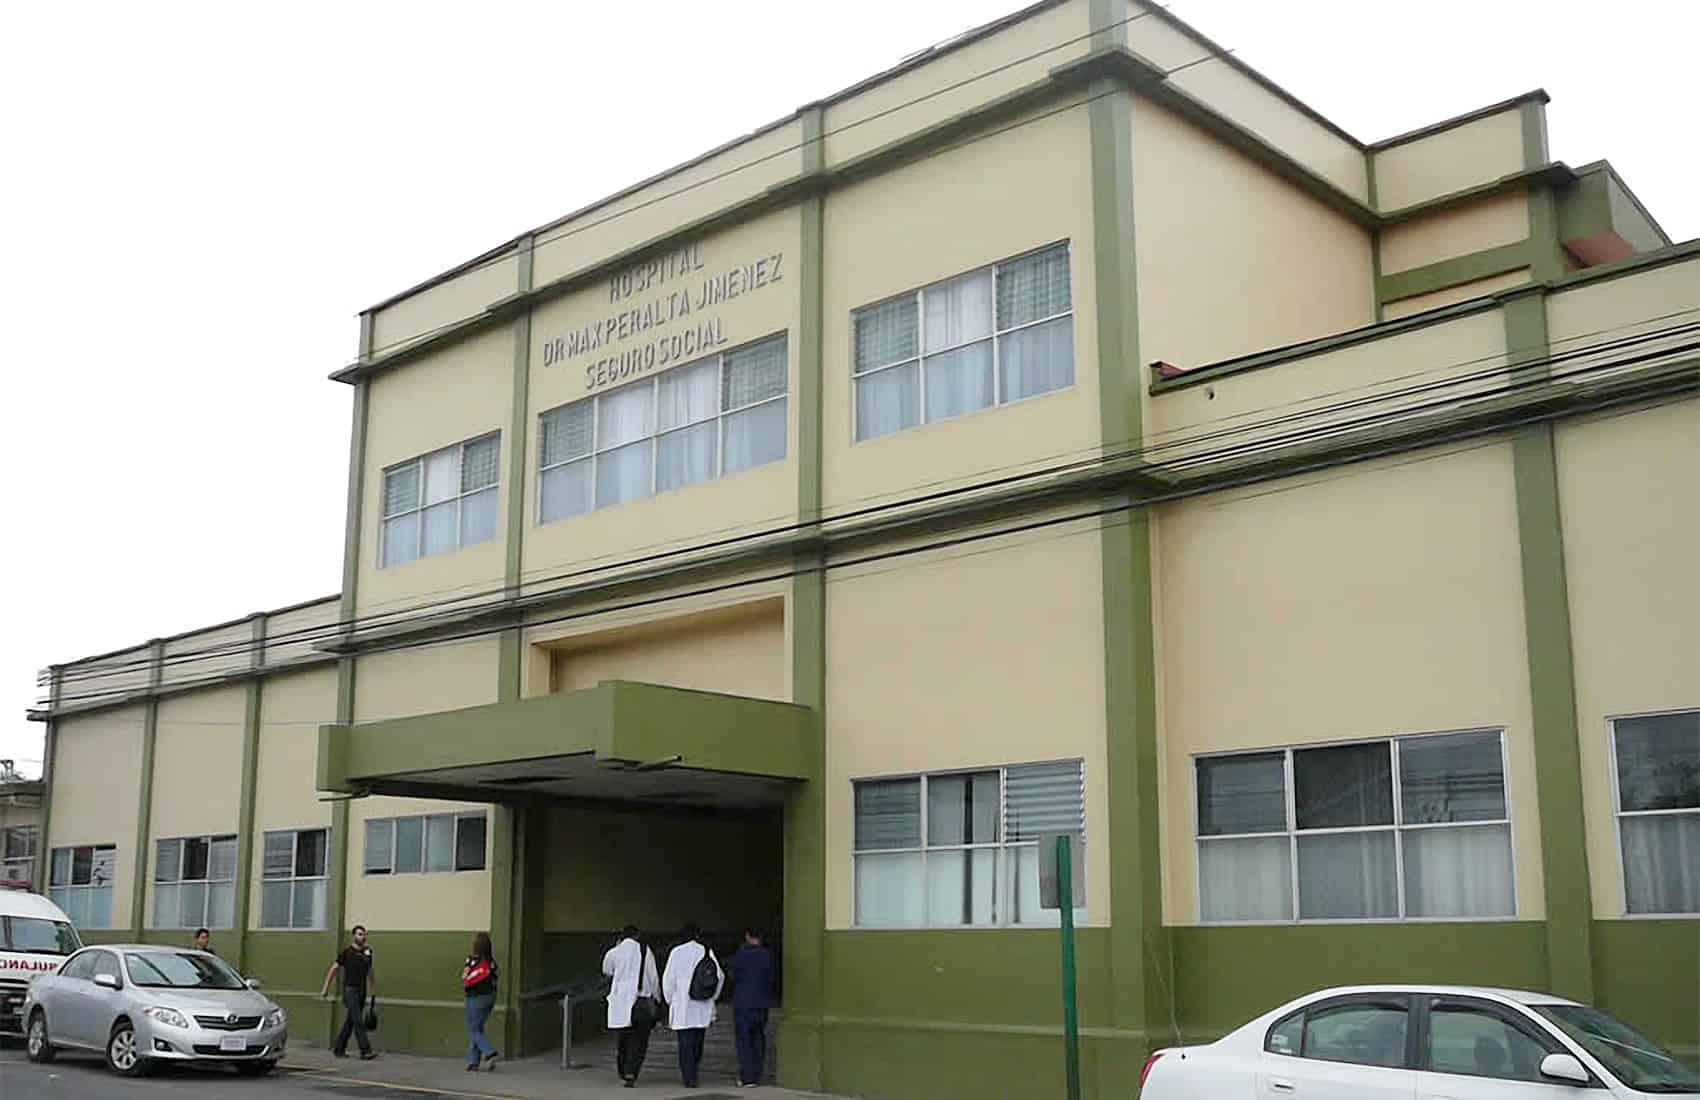 Dr. Max Peralta Hospital, Cartago